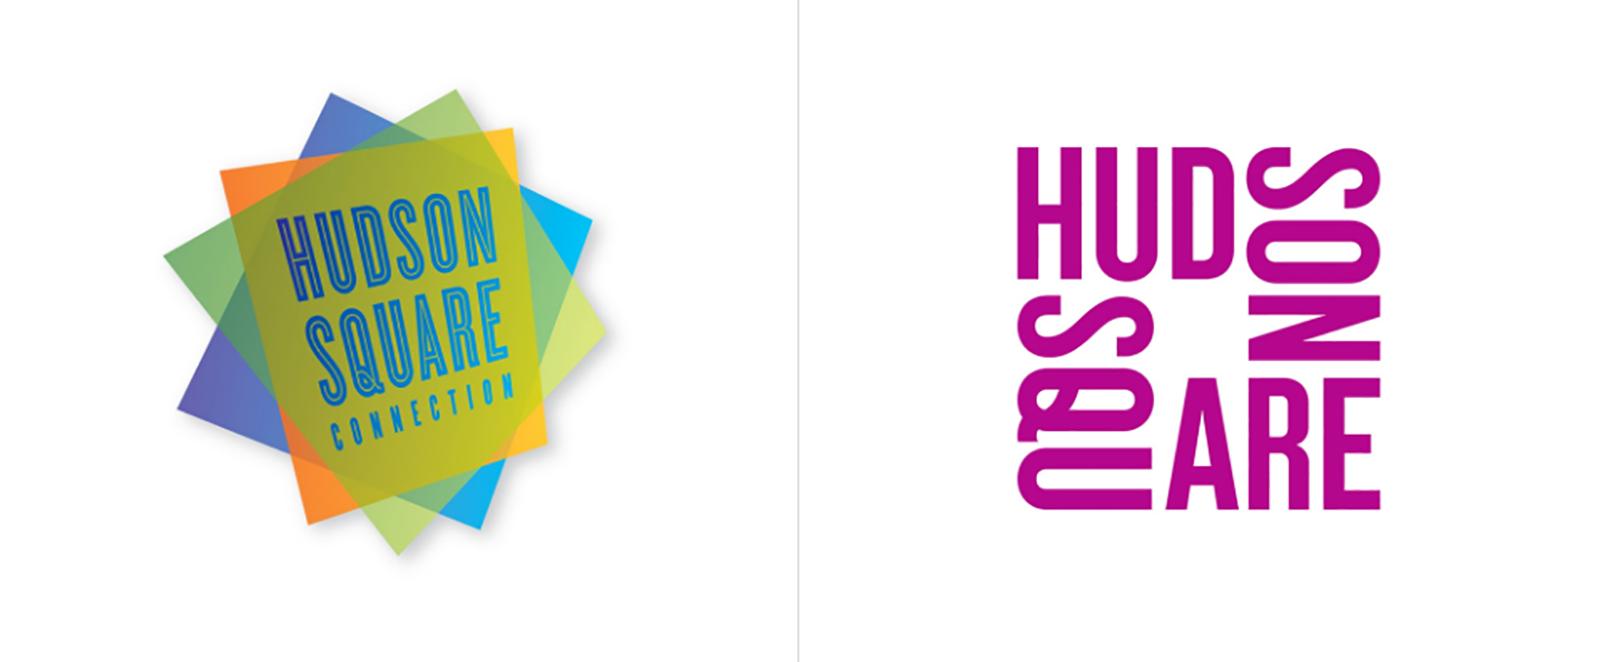 哈德逊广场启动新的标志和VI形象-深圳VI设计